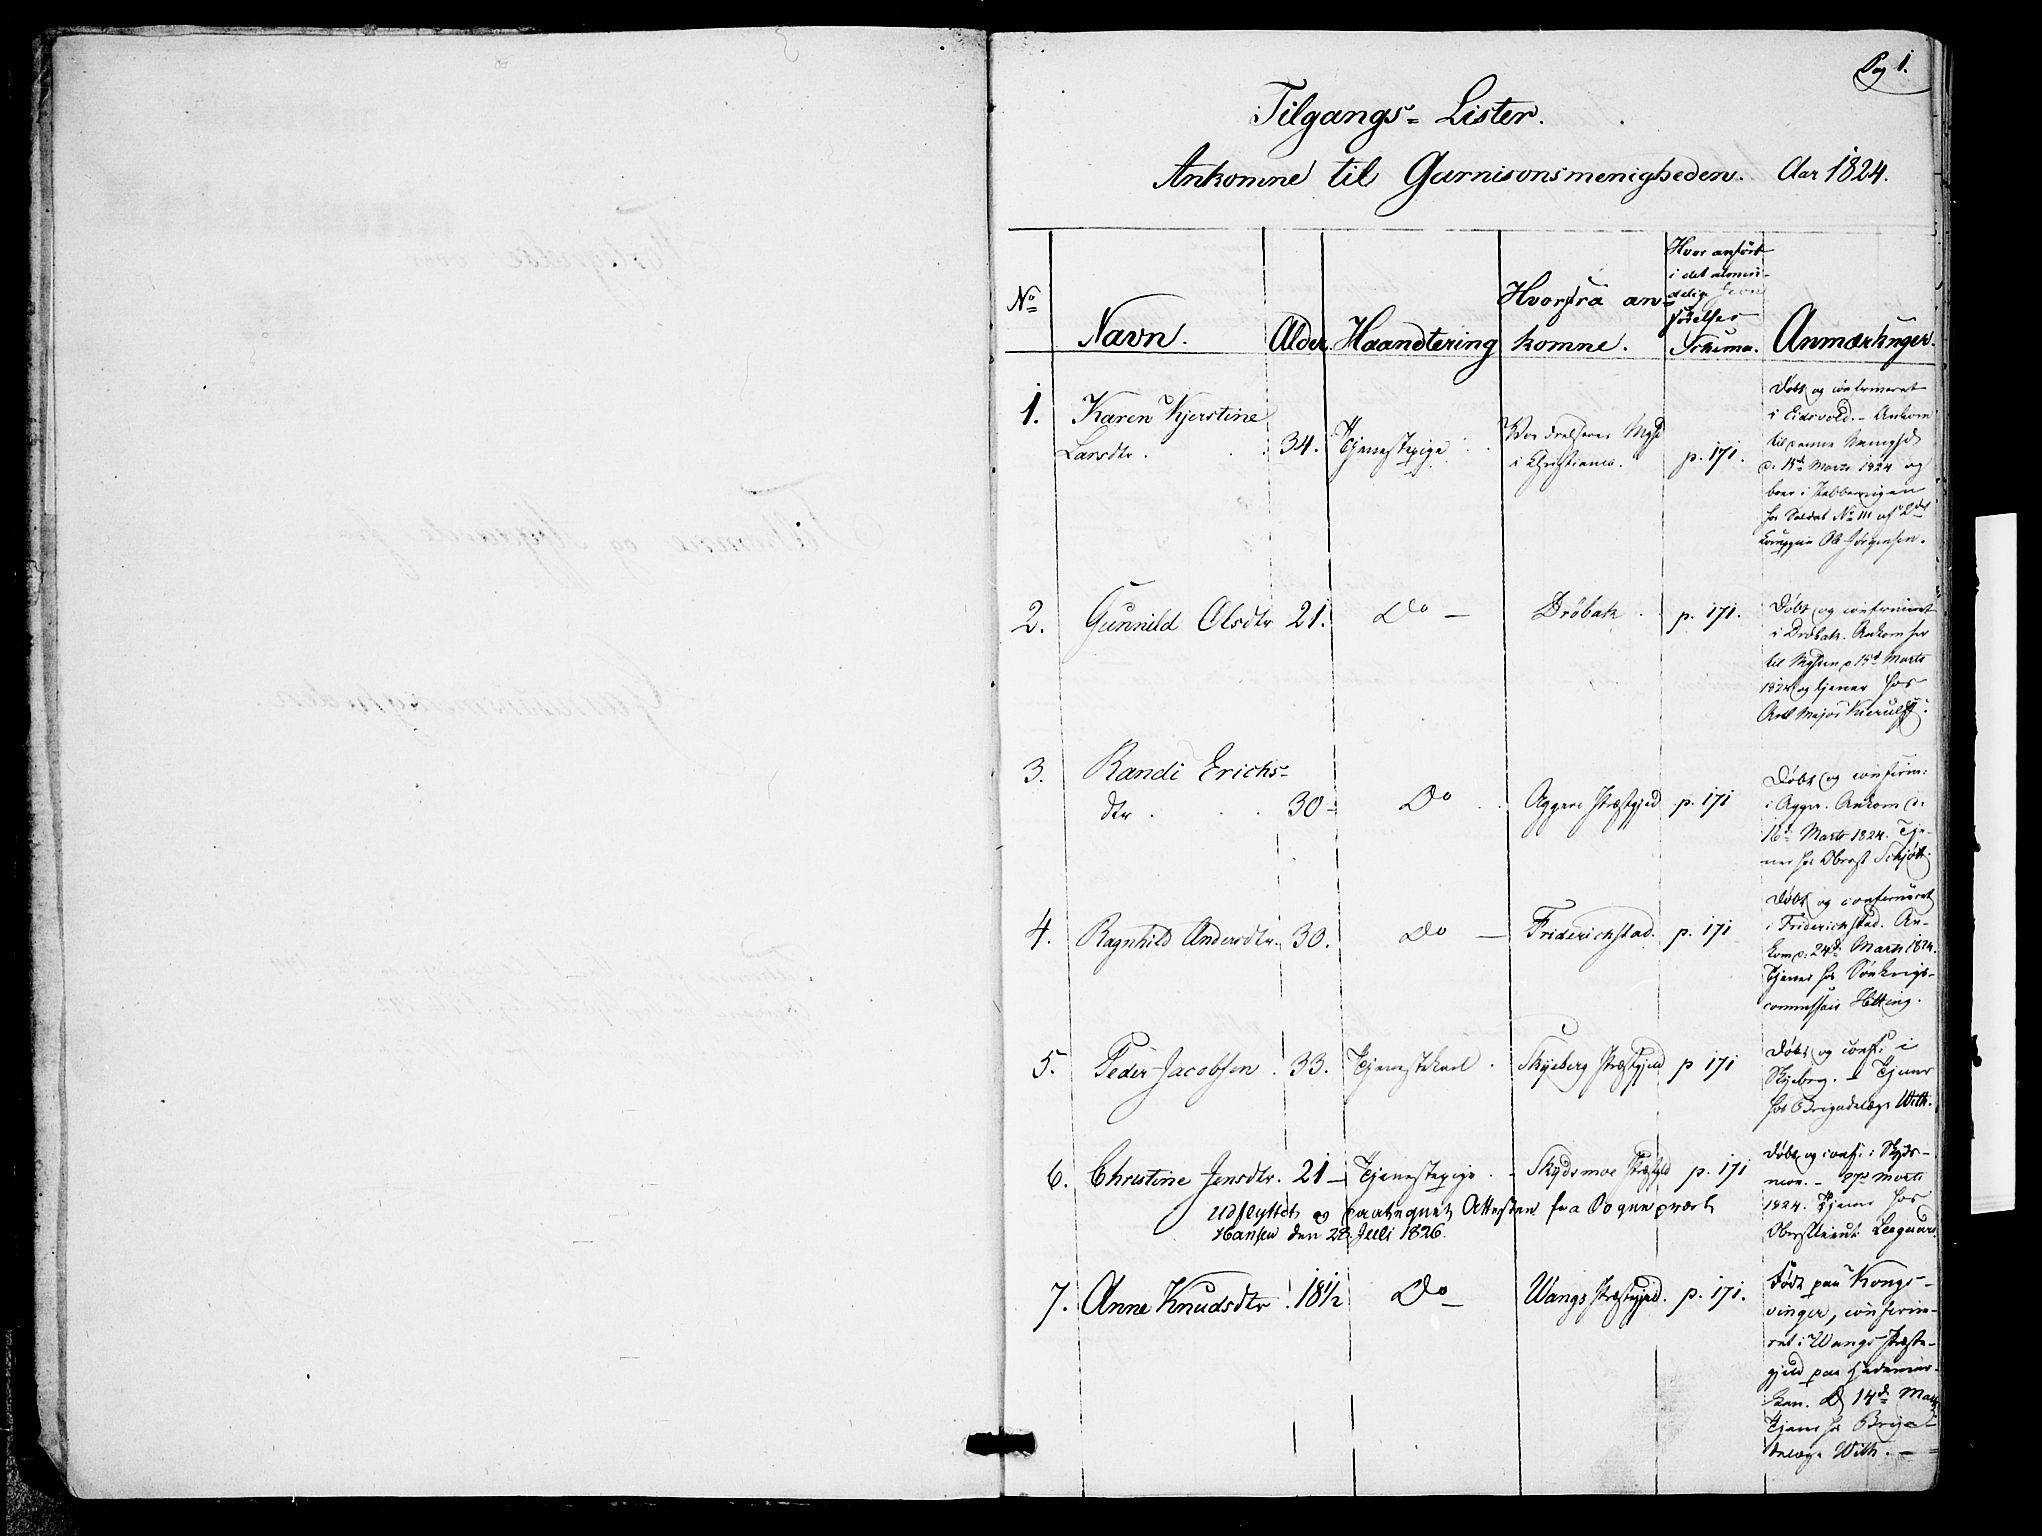 SAO, Garnisonsmenigheten Kirkebøker, F/Fa/L0005: Parish register (official) no. 5, 1824-1830, p. 0-1